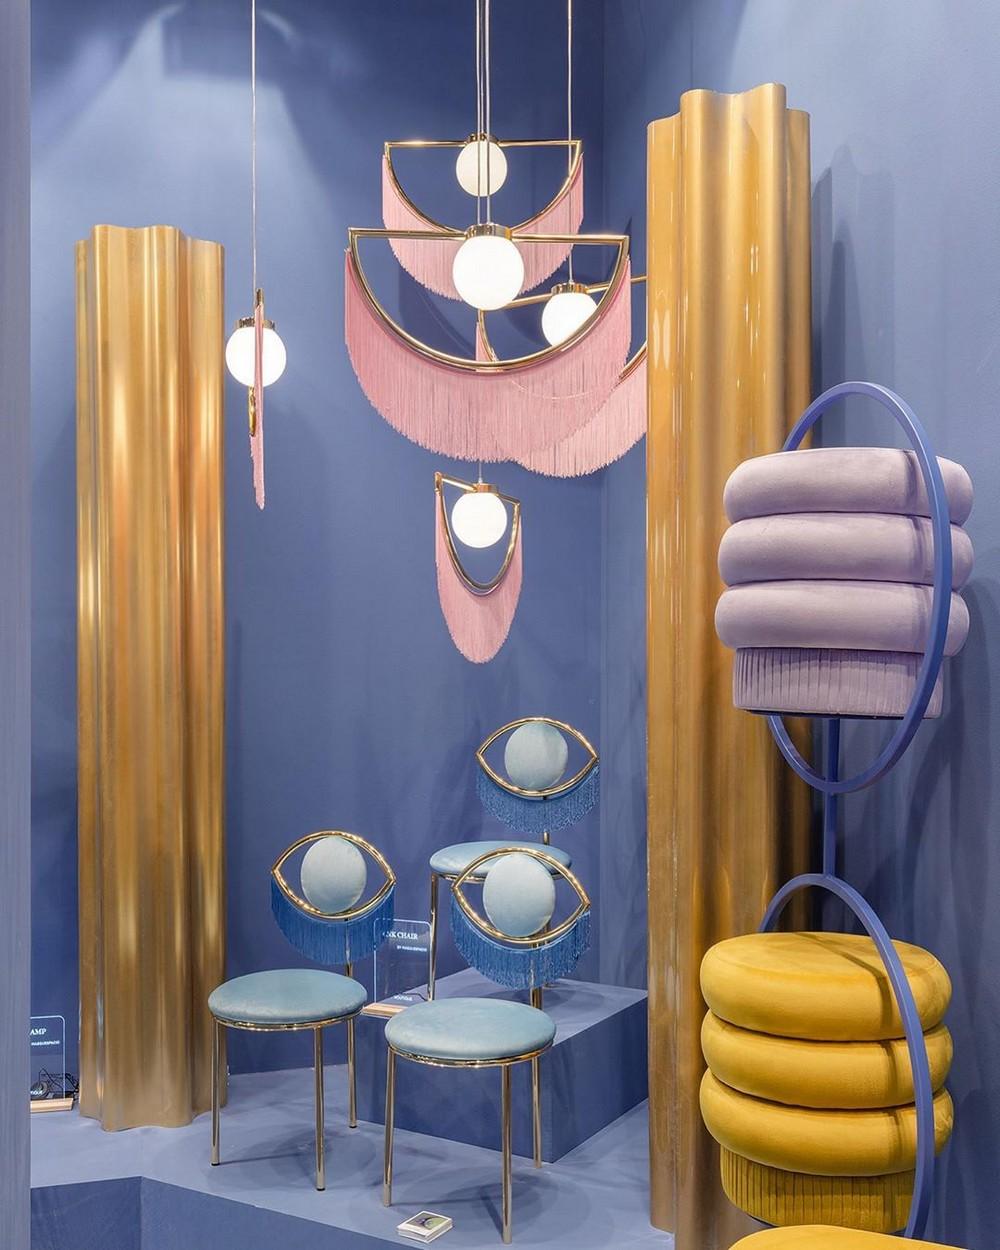 maison et objet Maison et Objet Review: One-of-a-Kind Furniture & Lighting Designs Maison et Objet Review One of a Kind Furniture Lighting Designs 9